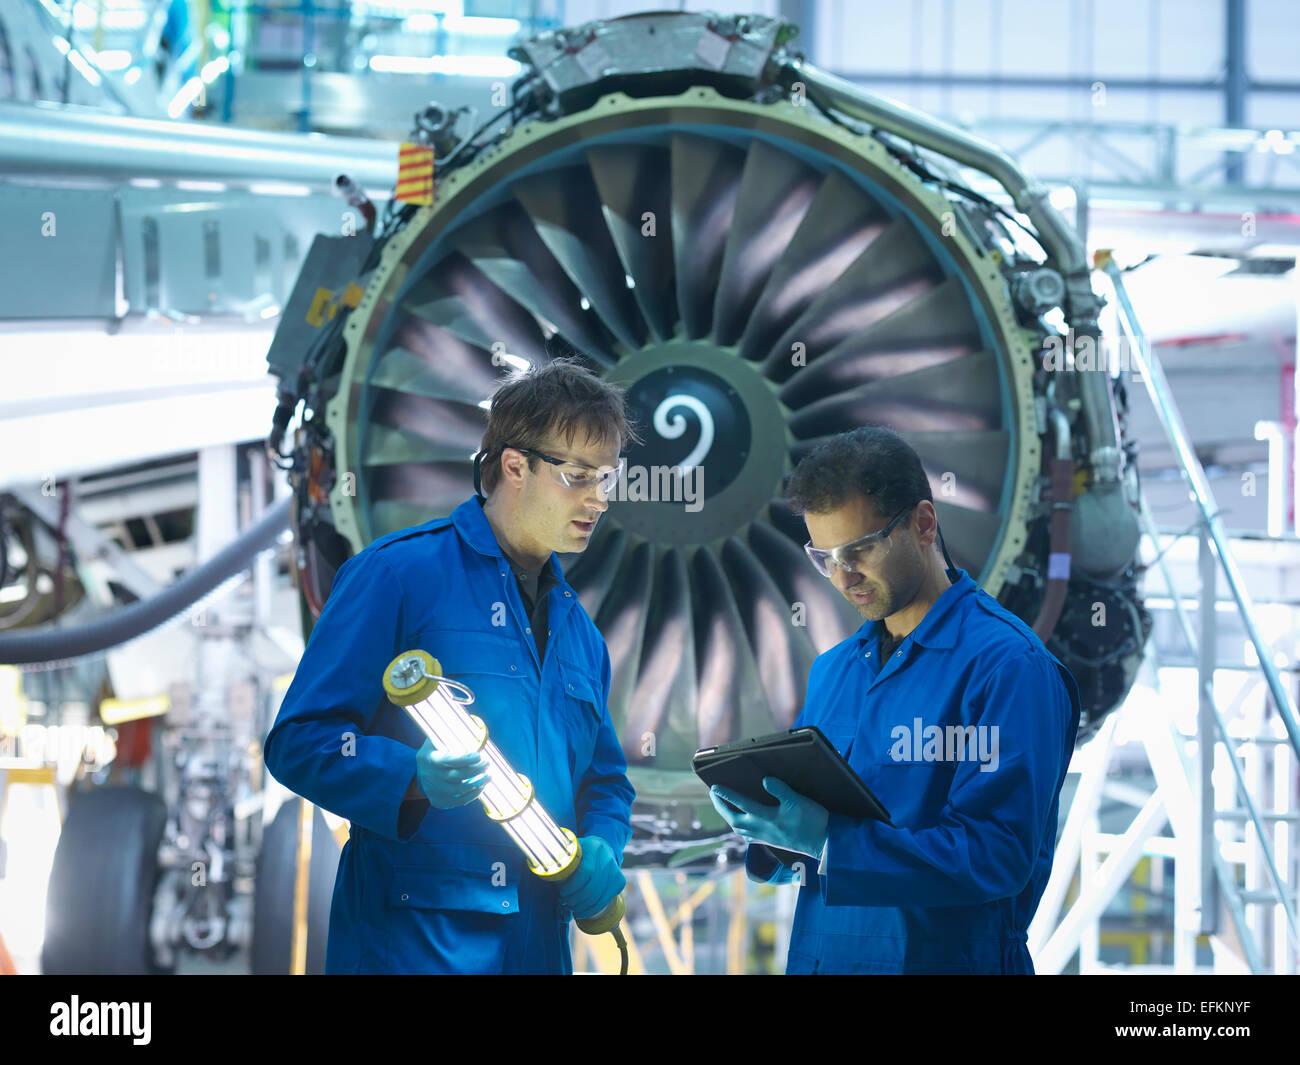 Flugzeugingenieuren Wartung Details über digital-Tablette vor der Jet-Engine in Wartung Flugzeugwerk zu diskutieren Stockbild